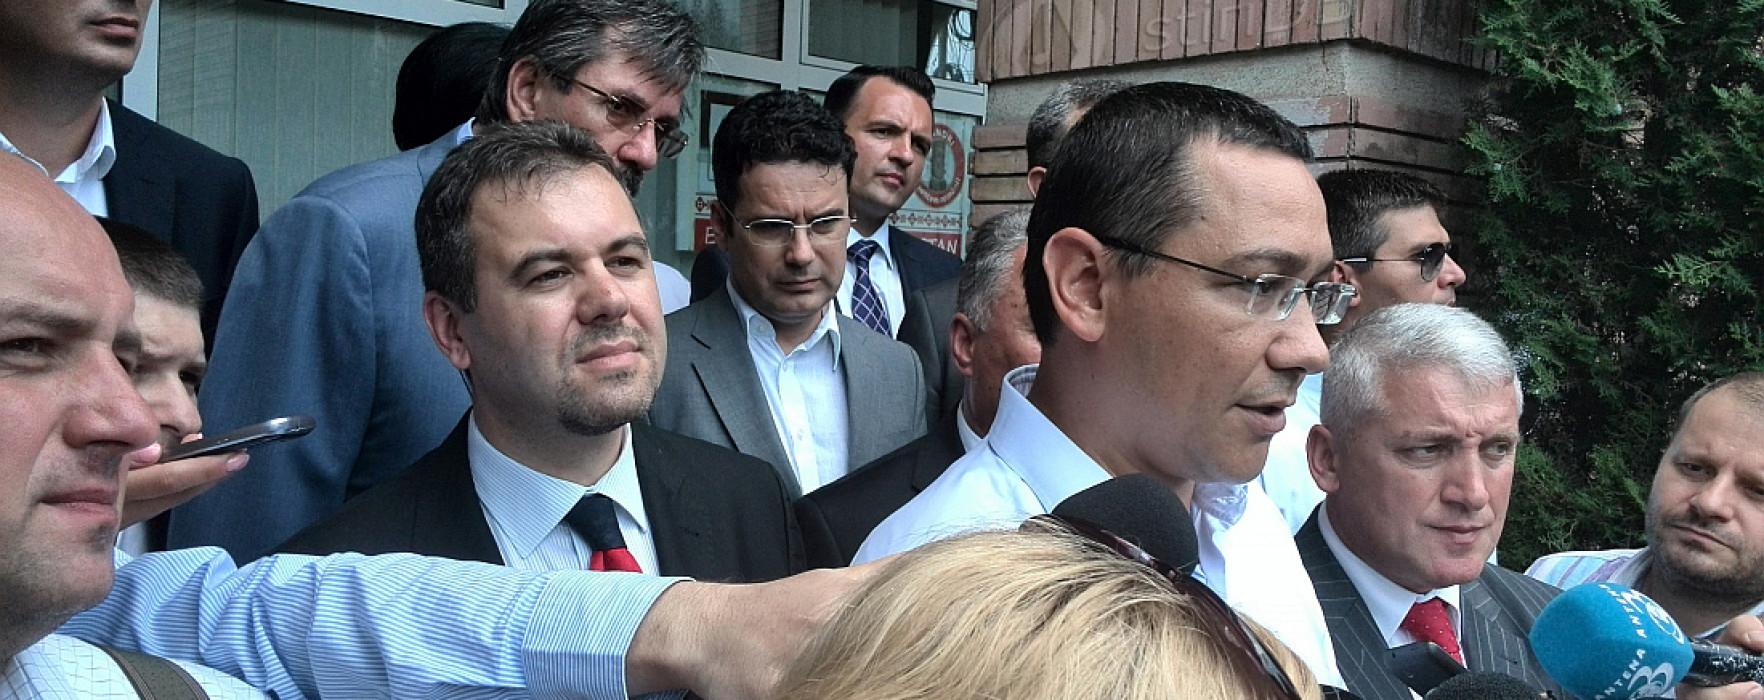 Varianta Gâdea preşedinte, Ponta premier: scenarii, susţine Ponta care subliniază că va candida la prezidenţiale